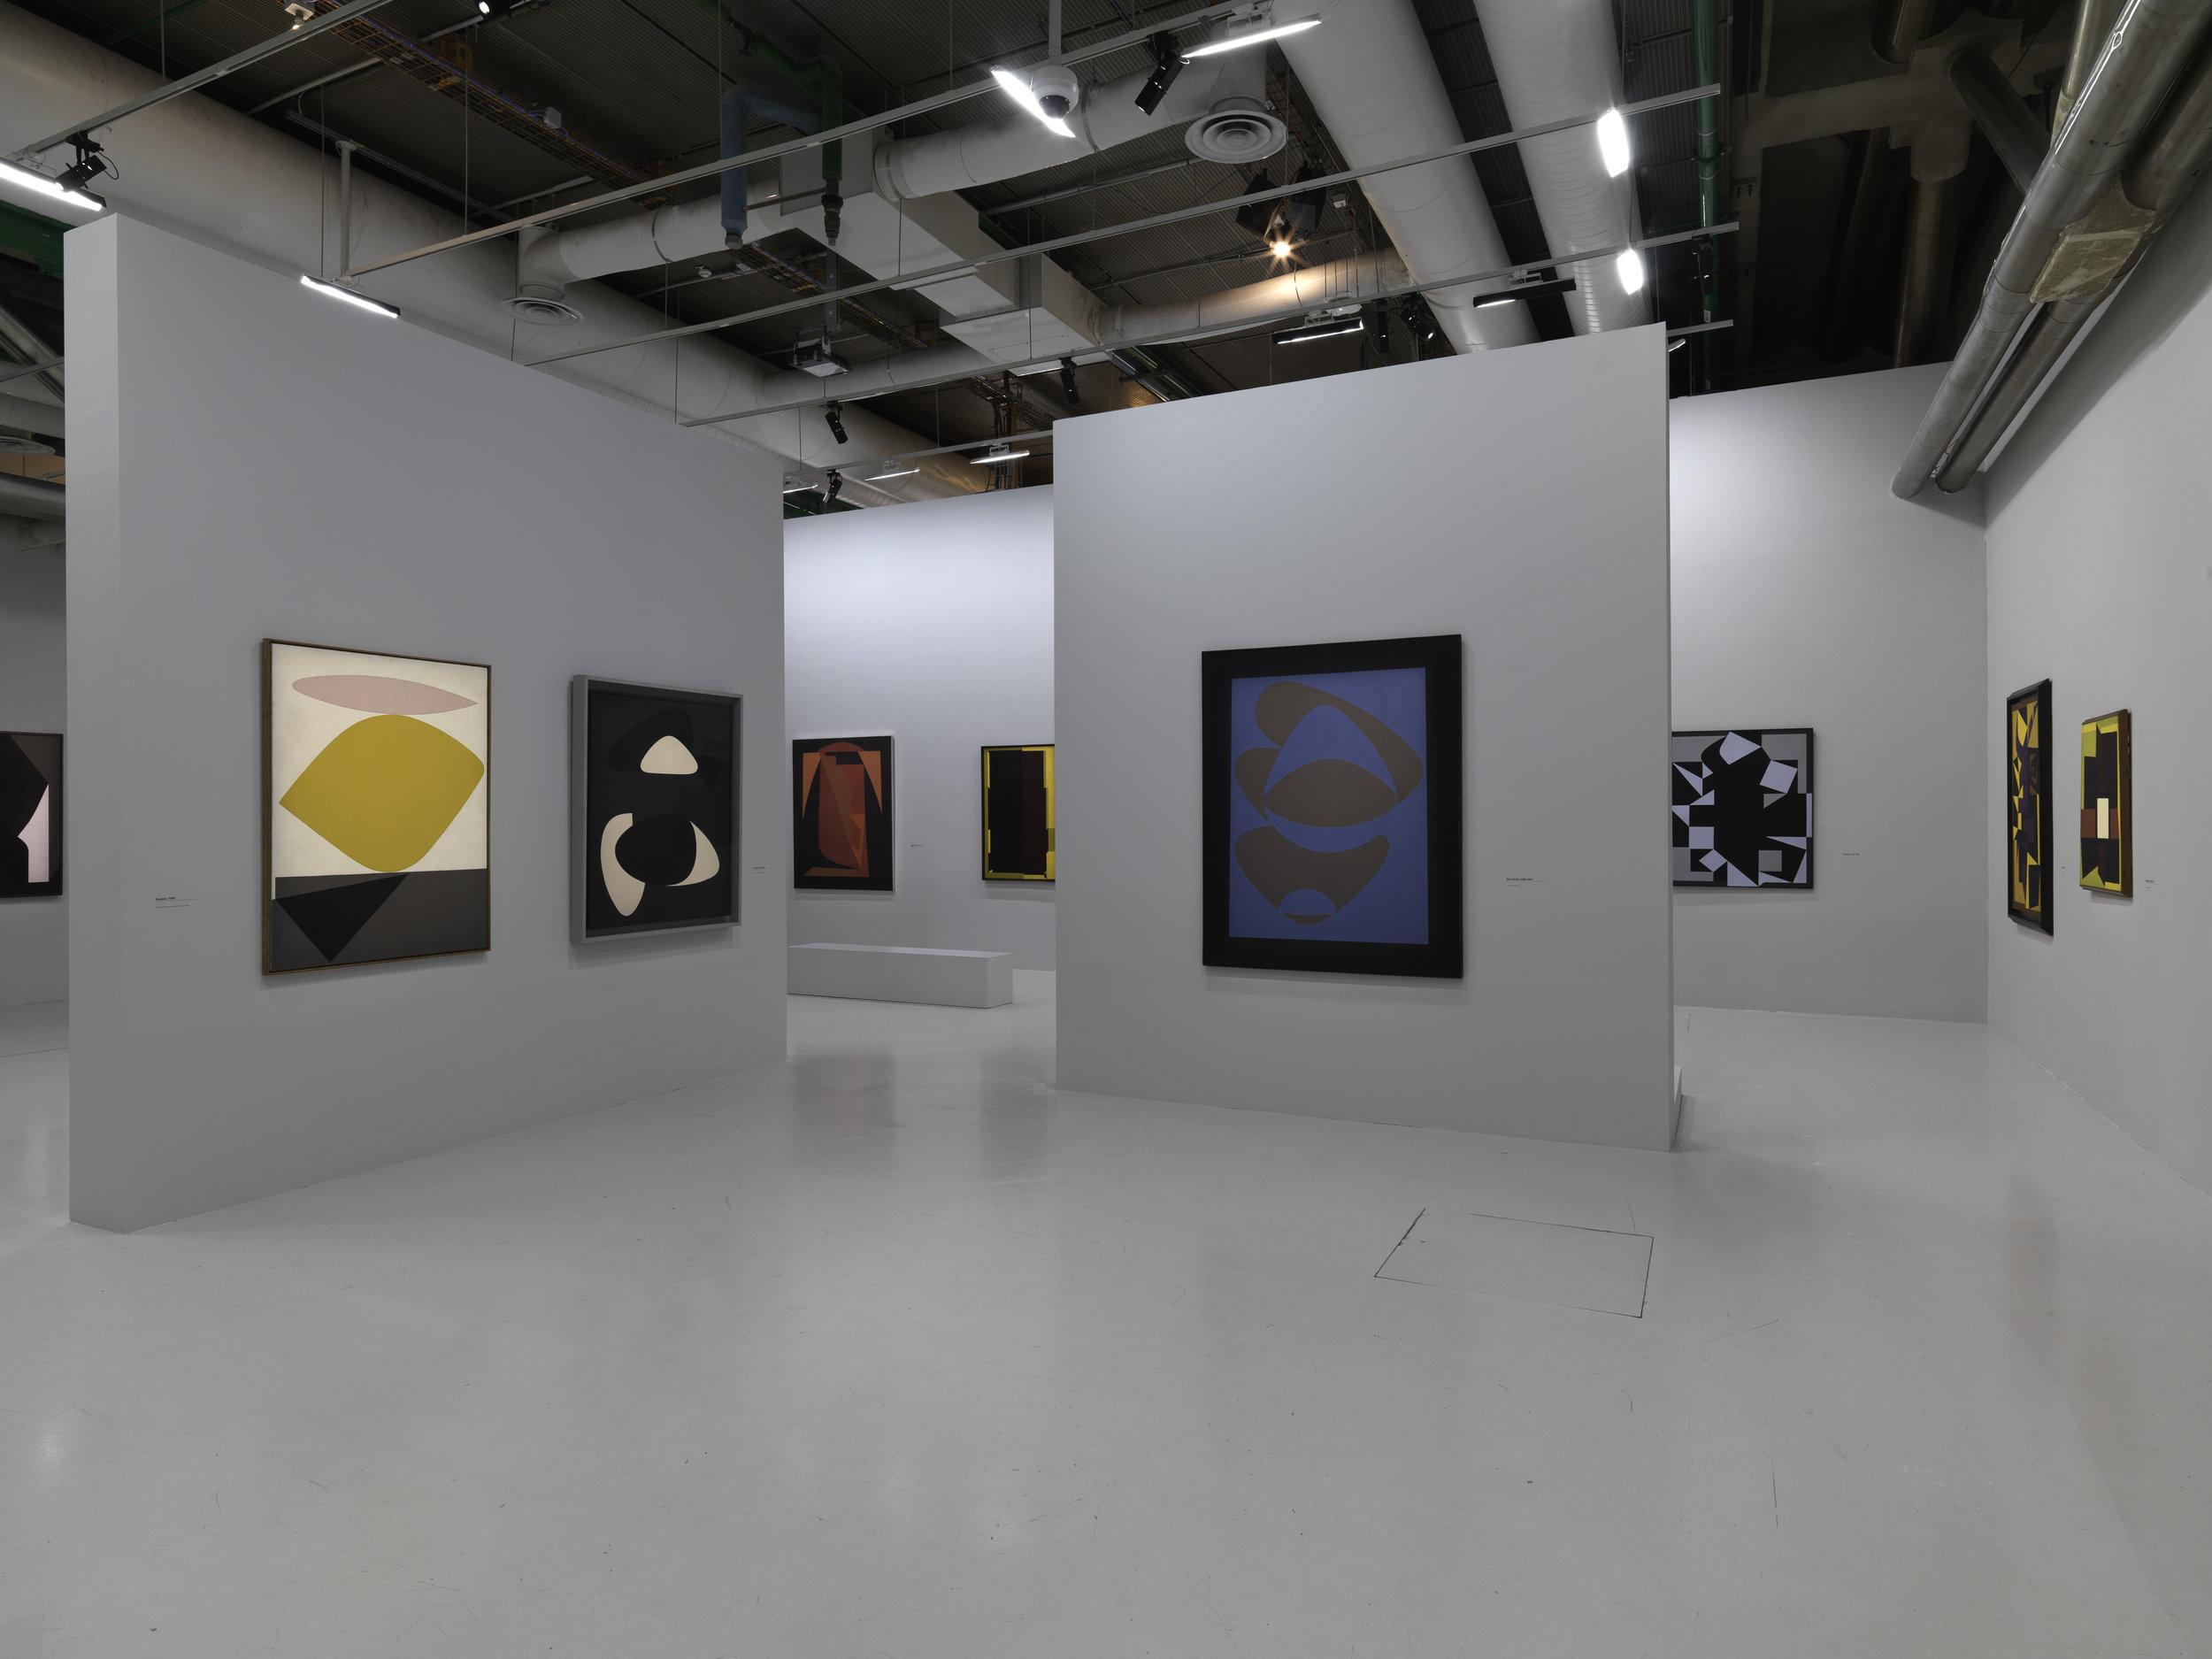 Courtesy of the Pompidou Centre, Paris